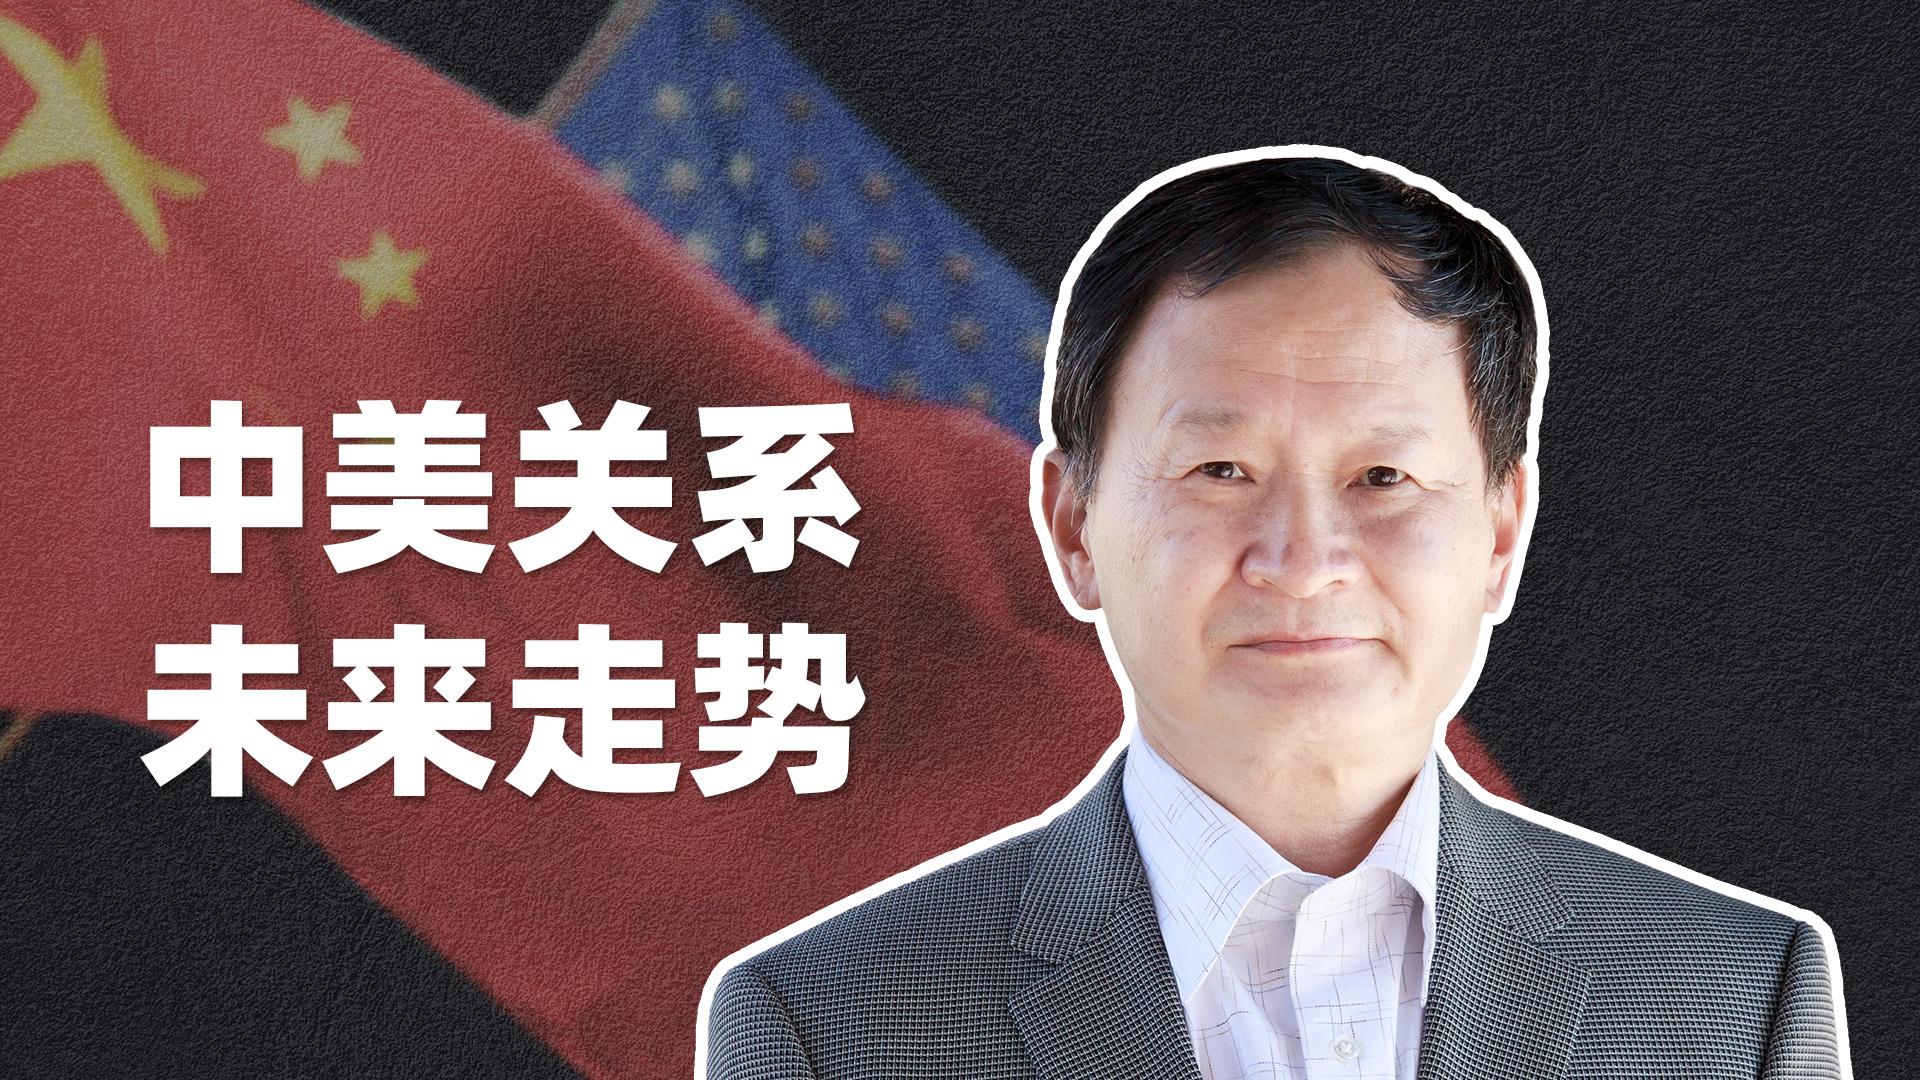 王湘穗:面对特朗普的极限施压,中国不会躺赢,还要努力奋斗